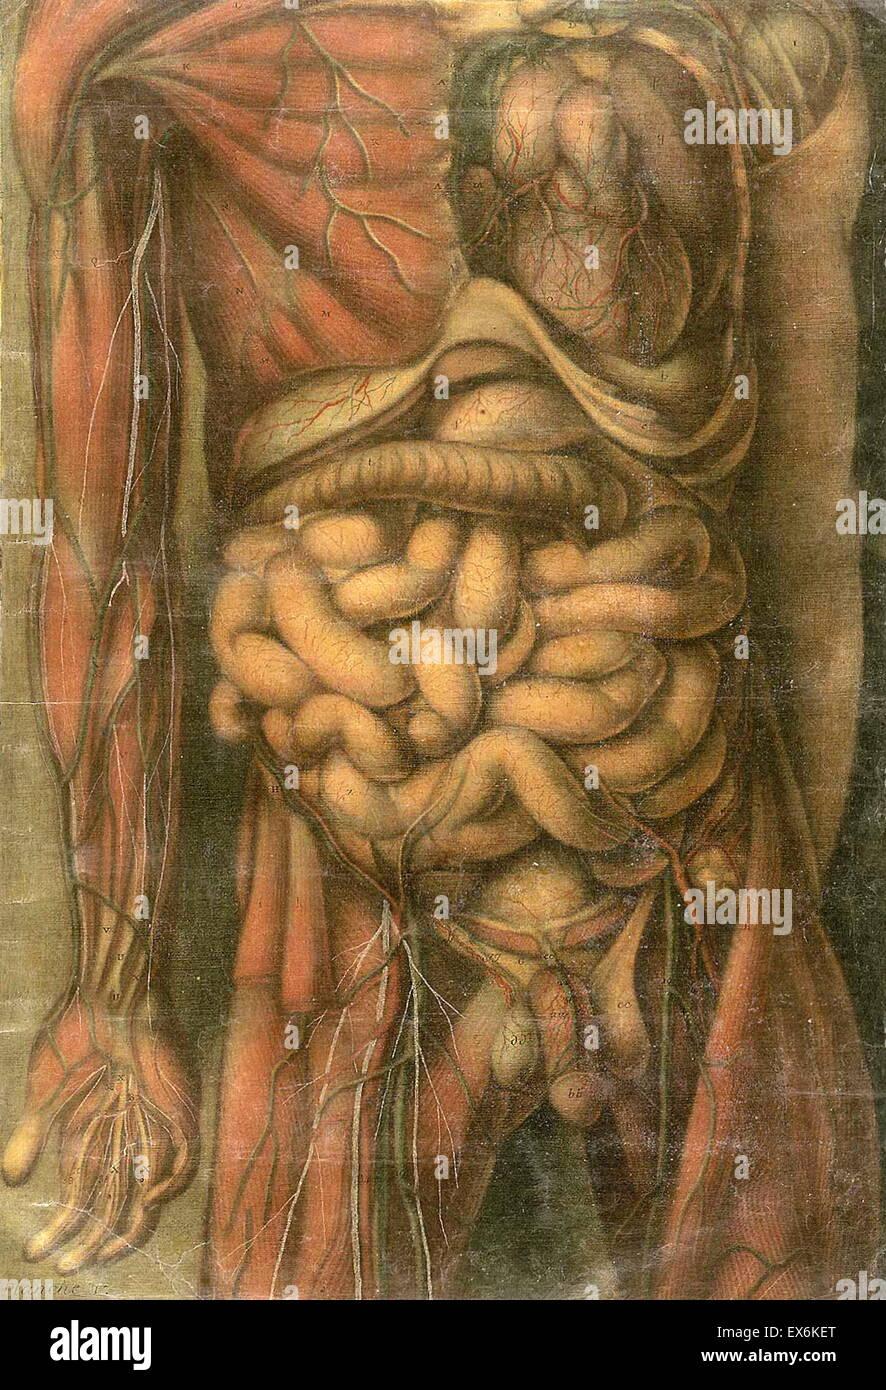 Charmant Anatomie Und Physiologie Lehrplan College Fotos ...